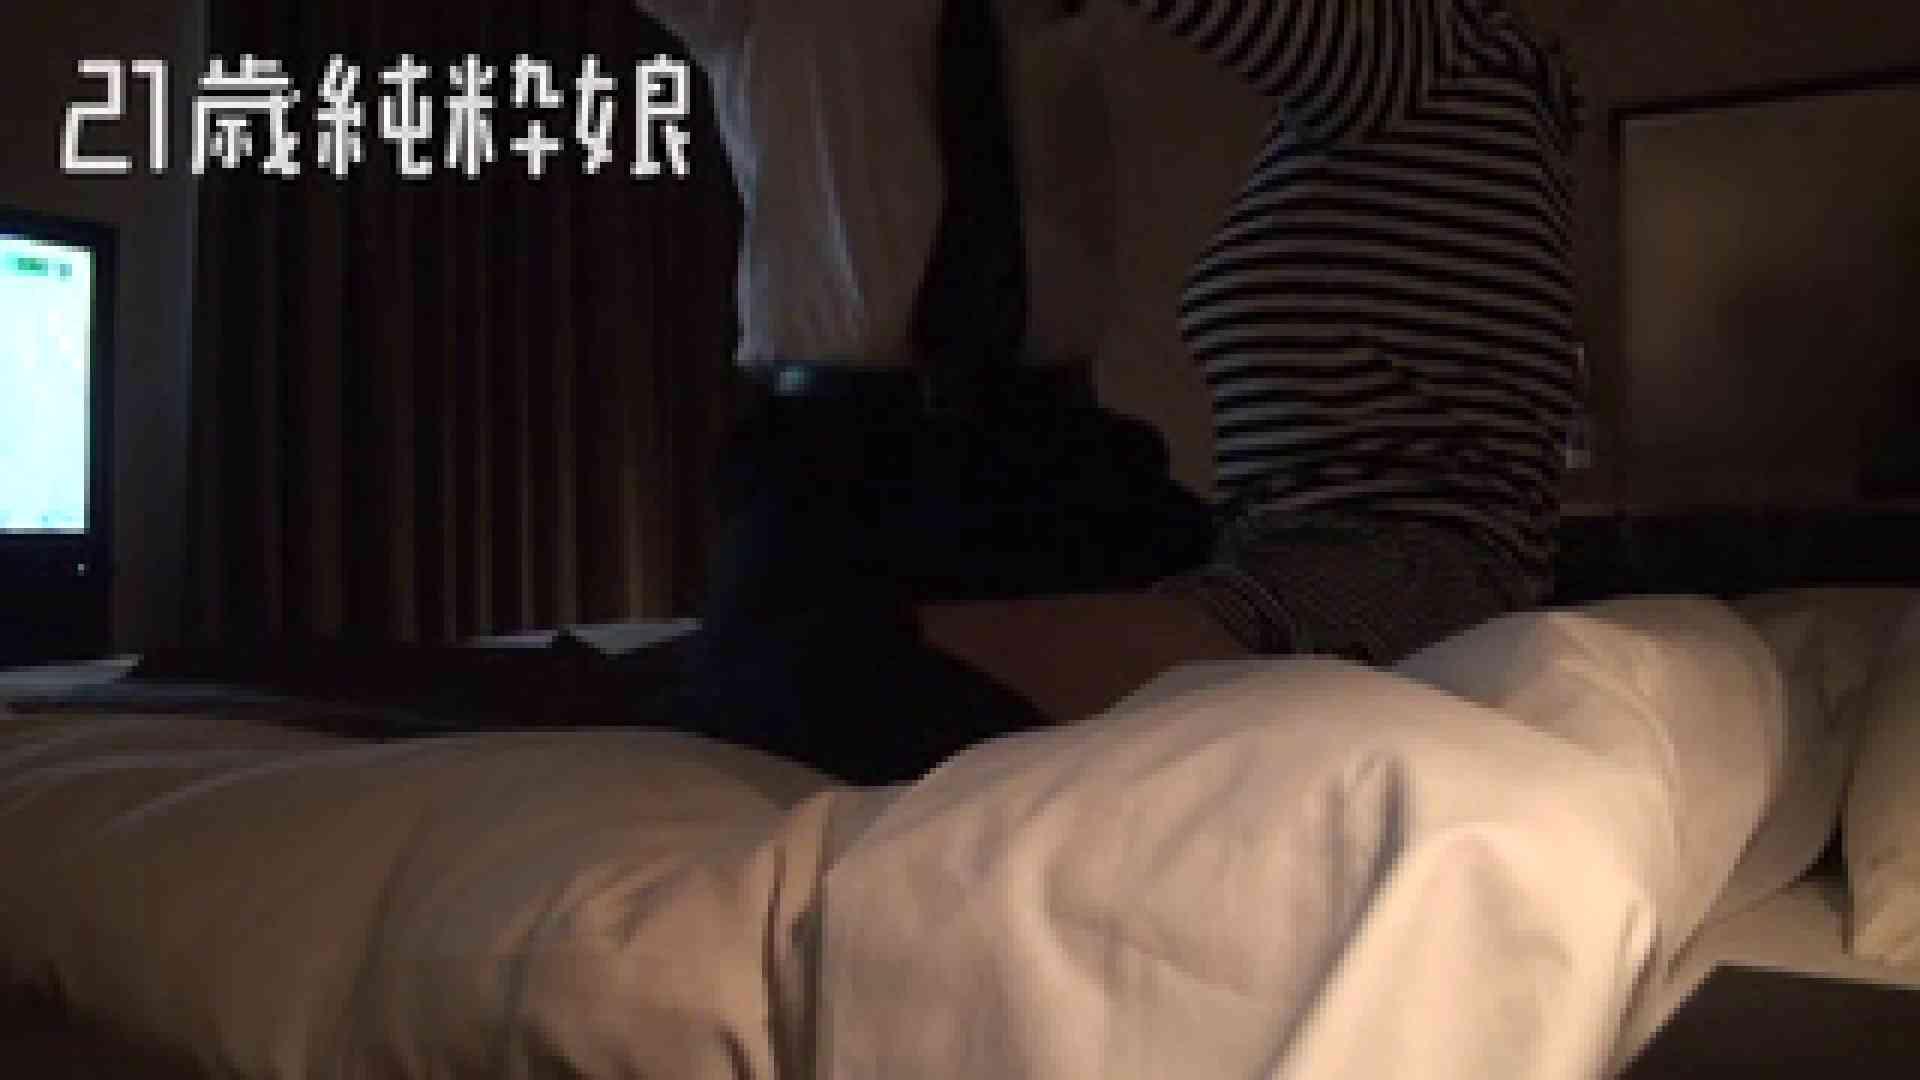 上京したばかりのGカップ21歳純粋嬢を都合の良い女にしてみた4 ホテル 女性器鑑賞 89枚 19